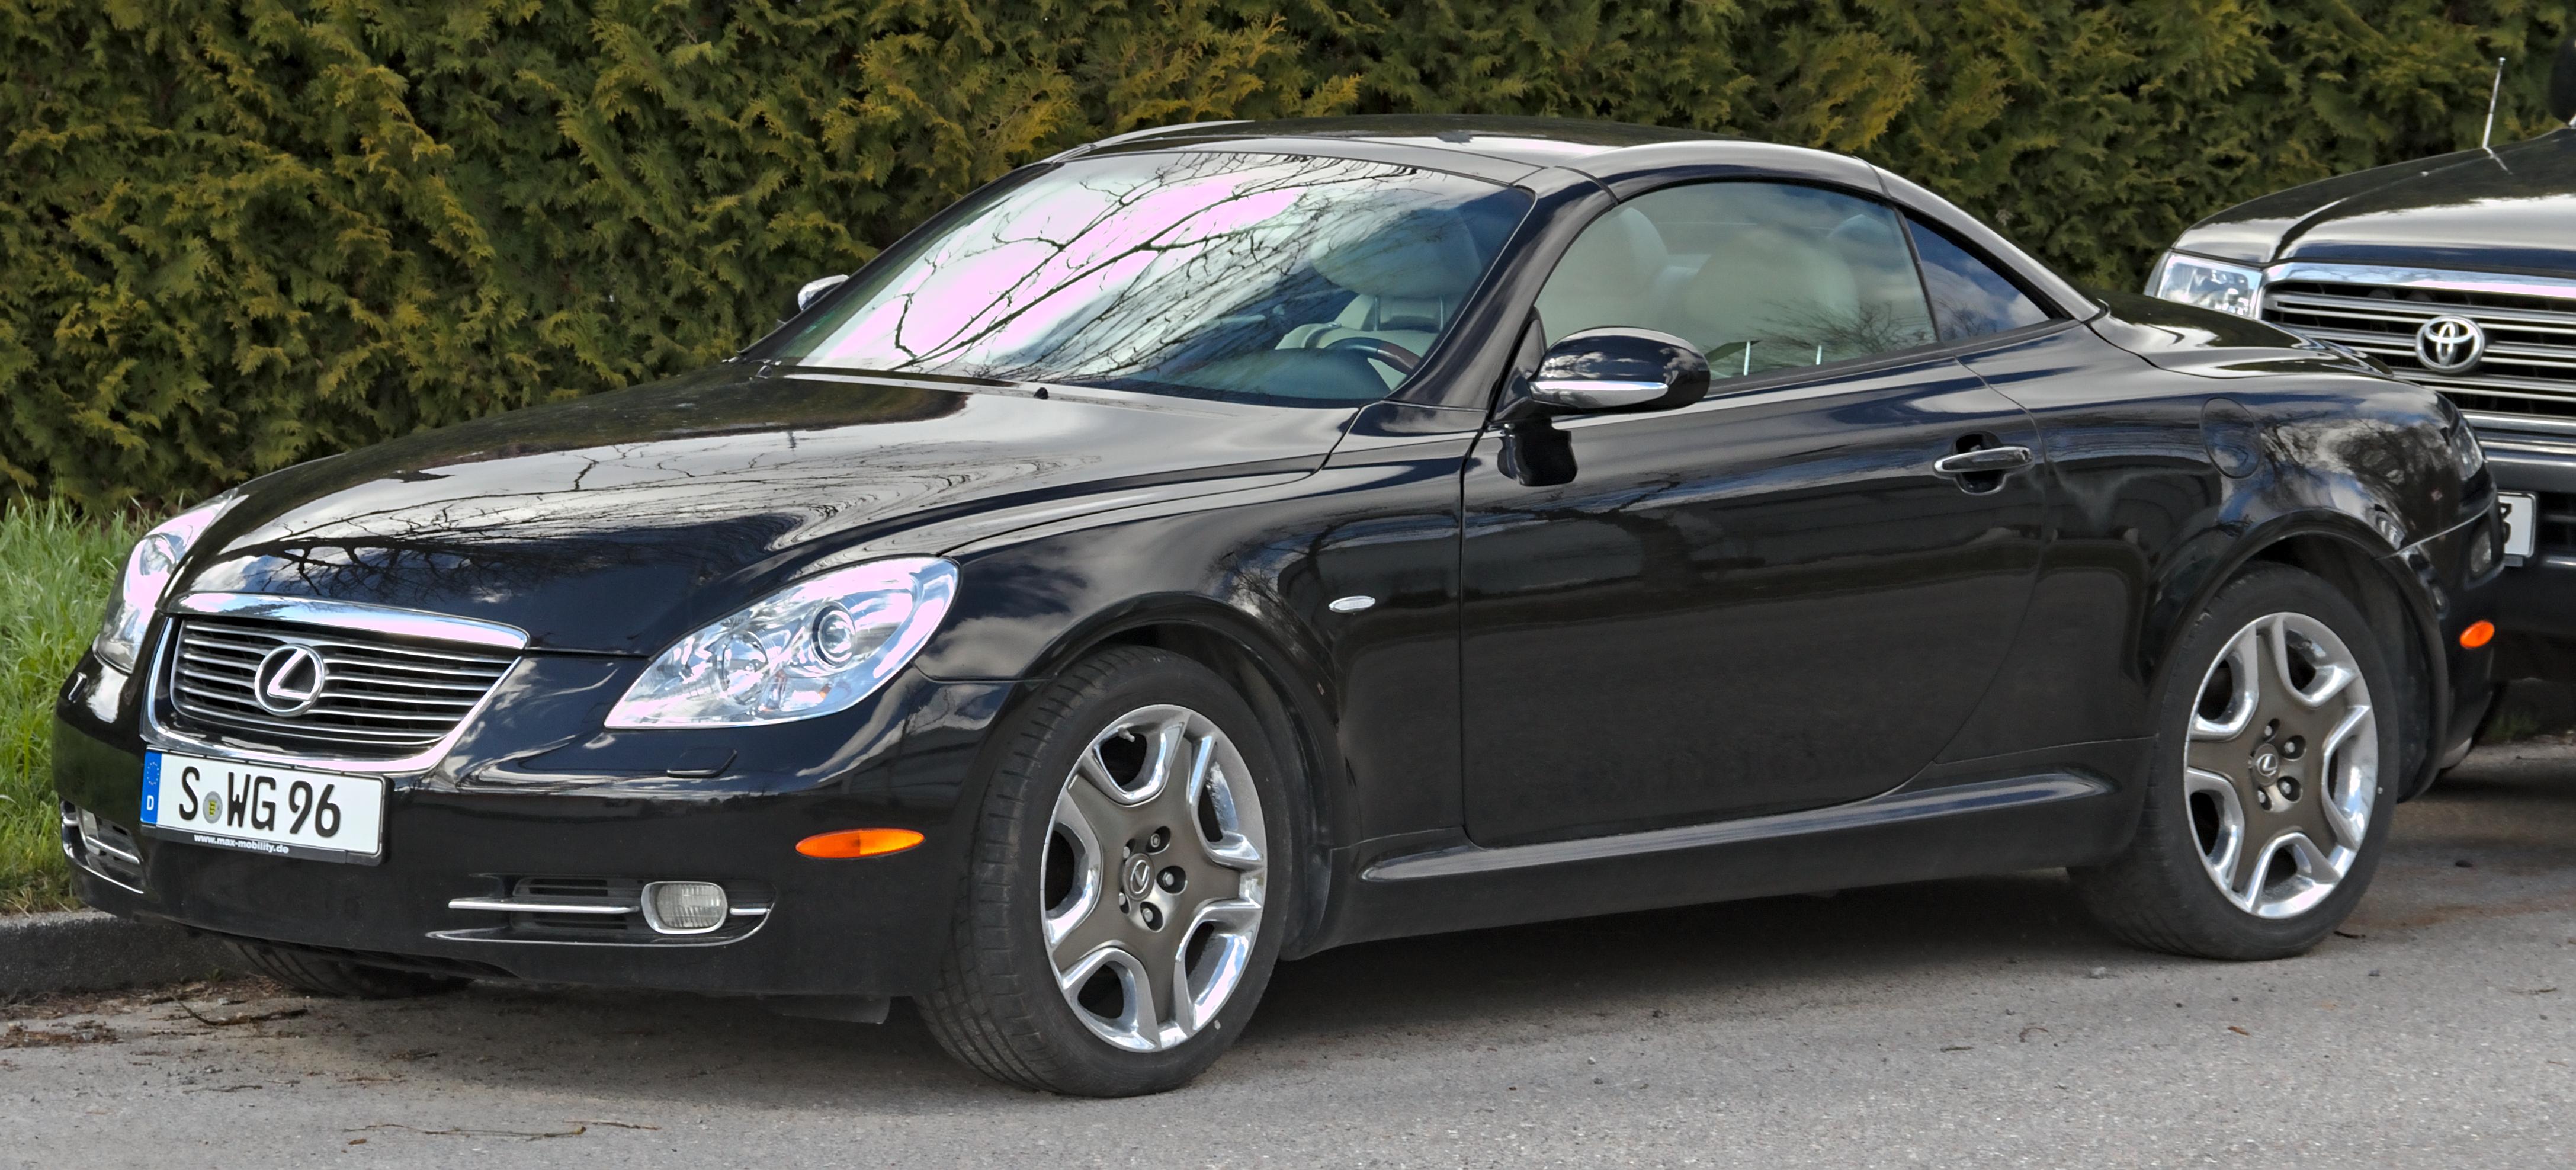 Black Lexus SC 430